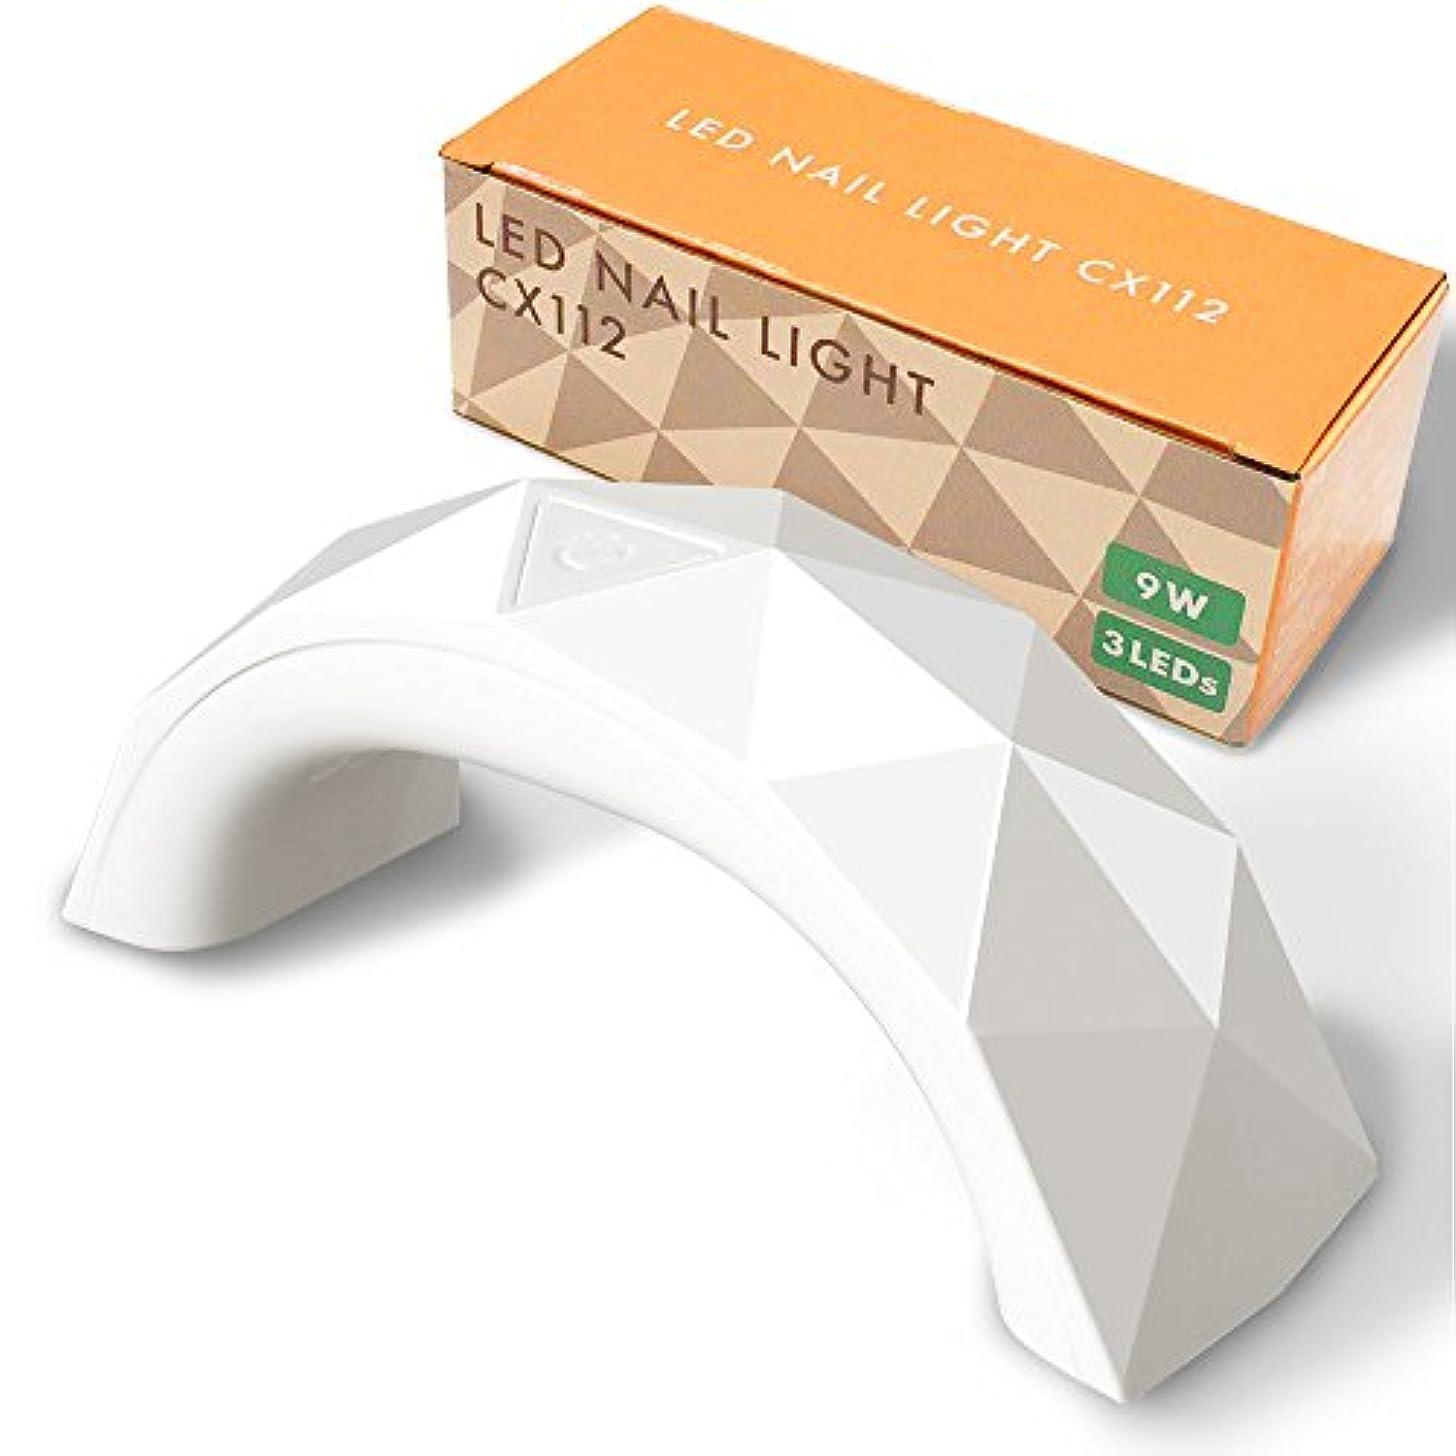 まとめる食品電信【Centrex】【CX112】ジェルネイル LEDライト 9W 硬化用ライト タイマー付き ハイパワーチップ式LED球 USB式 (ホワイト)